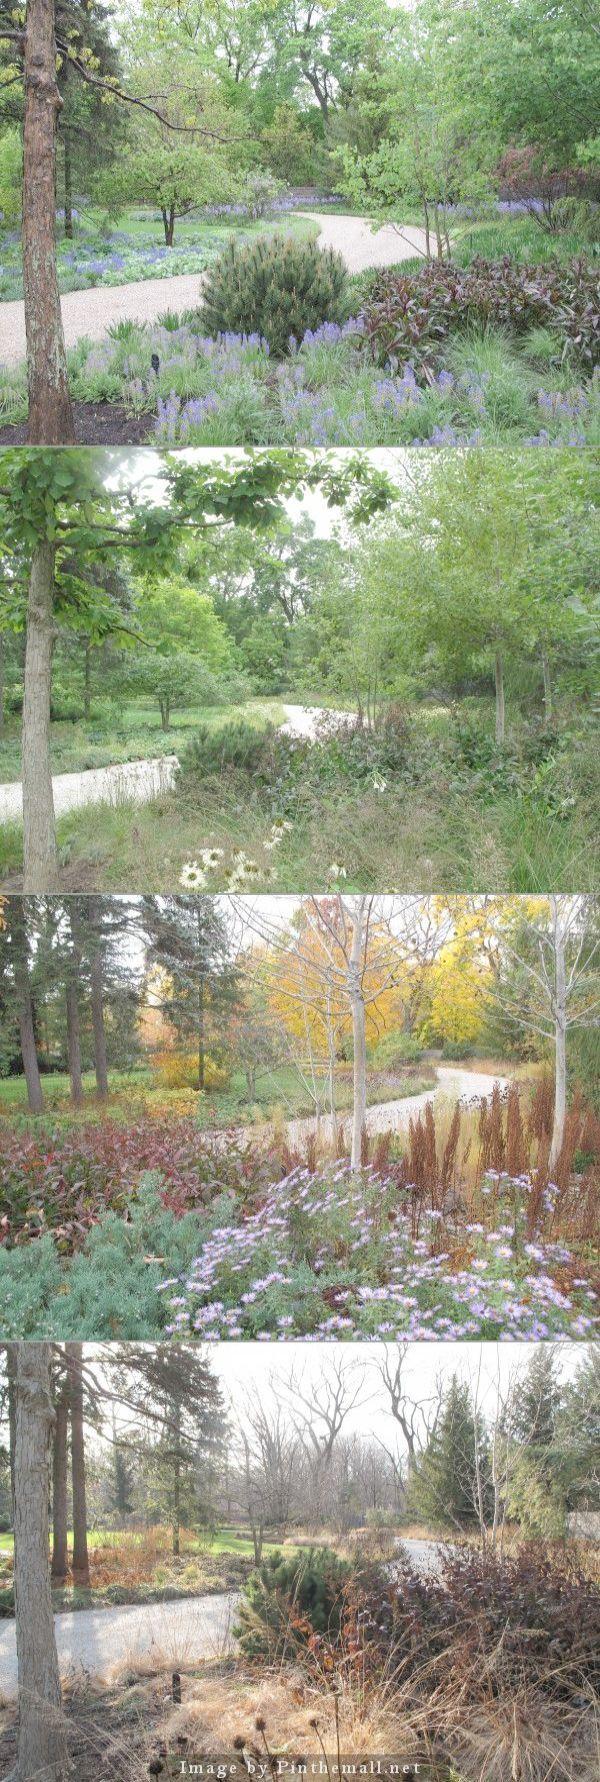 Landscape Gardening Labourer Jobs, Landscape Gardening ...